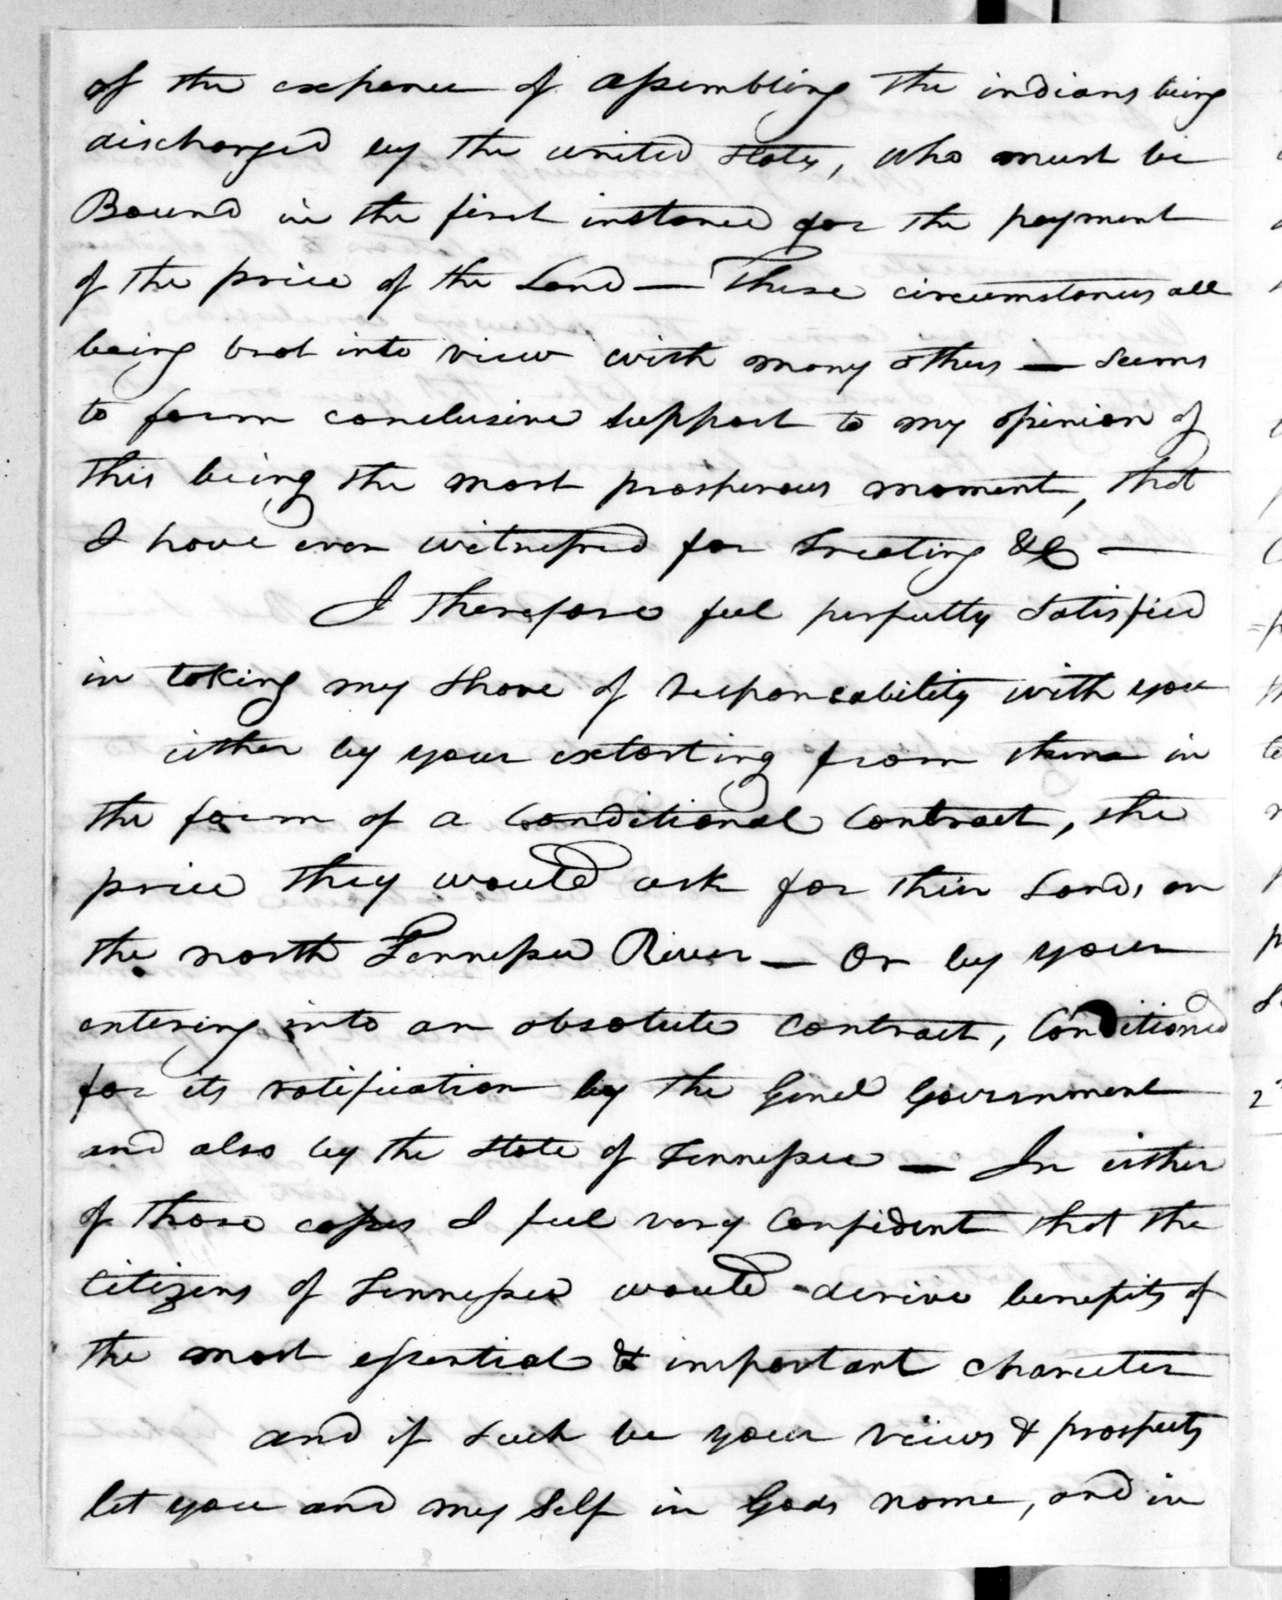 Joseph McMinn, September 2, 1816